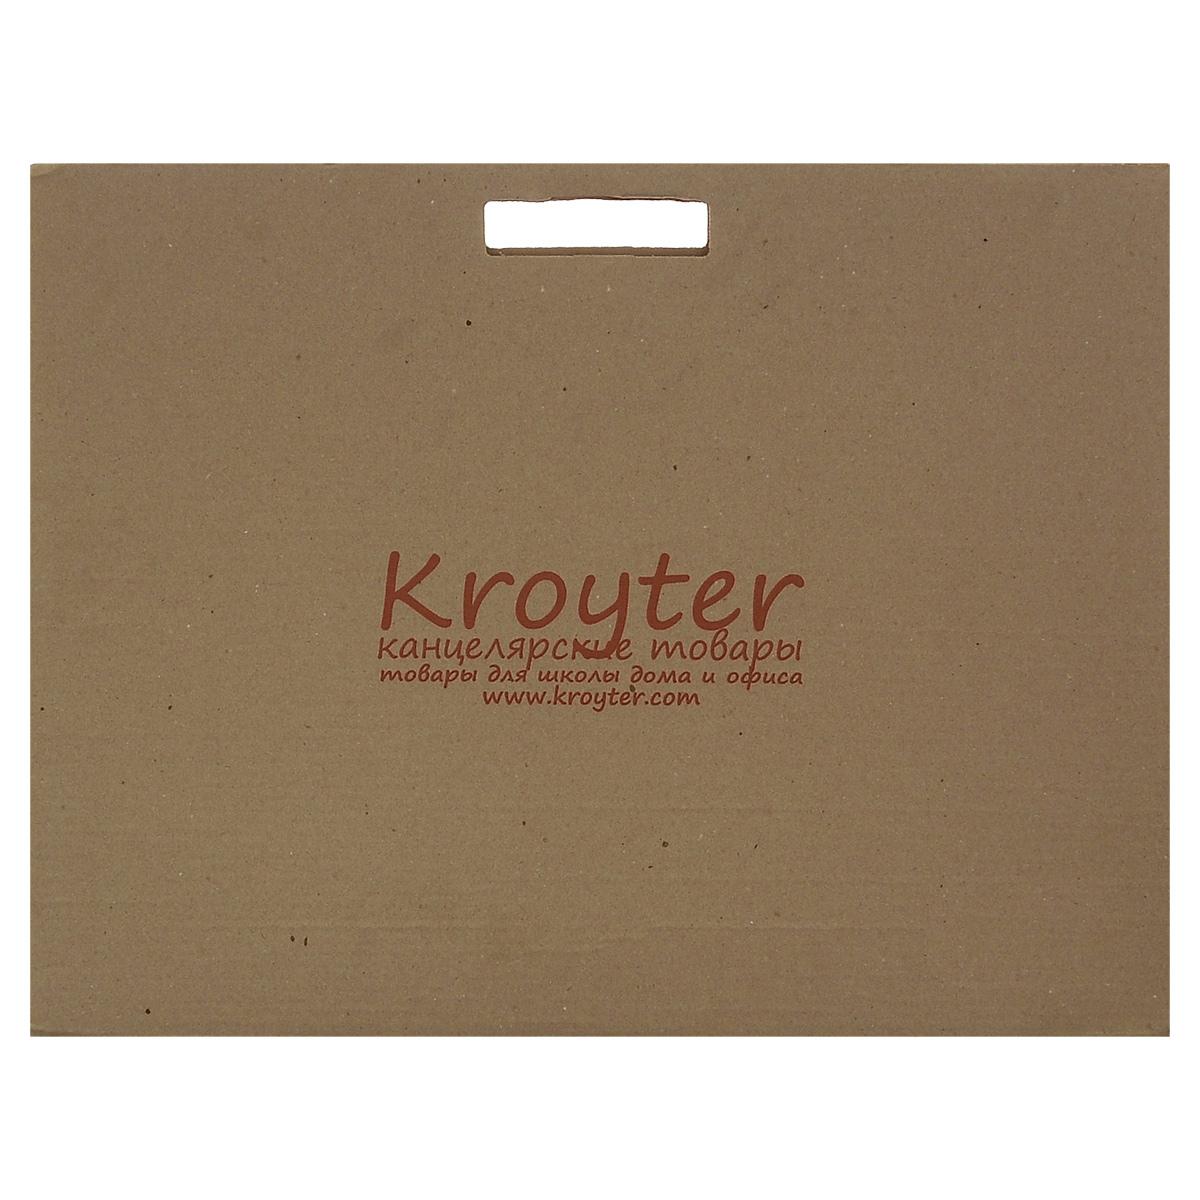 Папка для акварели Kroyter, 10 листов, формат А205312Папка для акварели Kroyter поможет овладеть этой техникой живописи. Бумага предназначенадля рисования всеми видами водорастворимых красок, а также подойдет для рисования ихудожественно-графических работ карандашами, ручками и мелками. Нерекомендуется для масляных красок. Листы рекомендованы для массового использования, так как не предъявляетспециальных знаний при ее использовании. Обложка выполнена из гофрированного картона в виде папки переноски с ручками. Такой вариант позволяетпереносить бумагу без повреждений.Плотность: 180 г/м2.